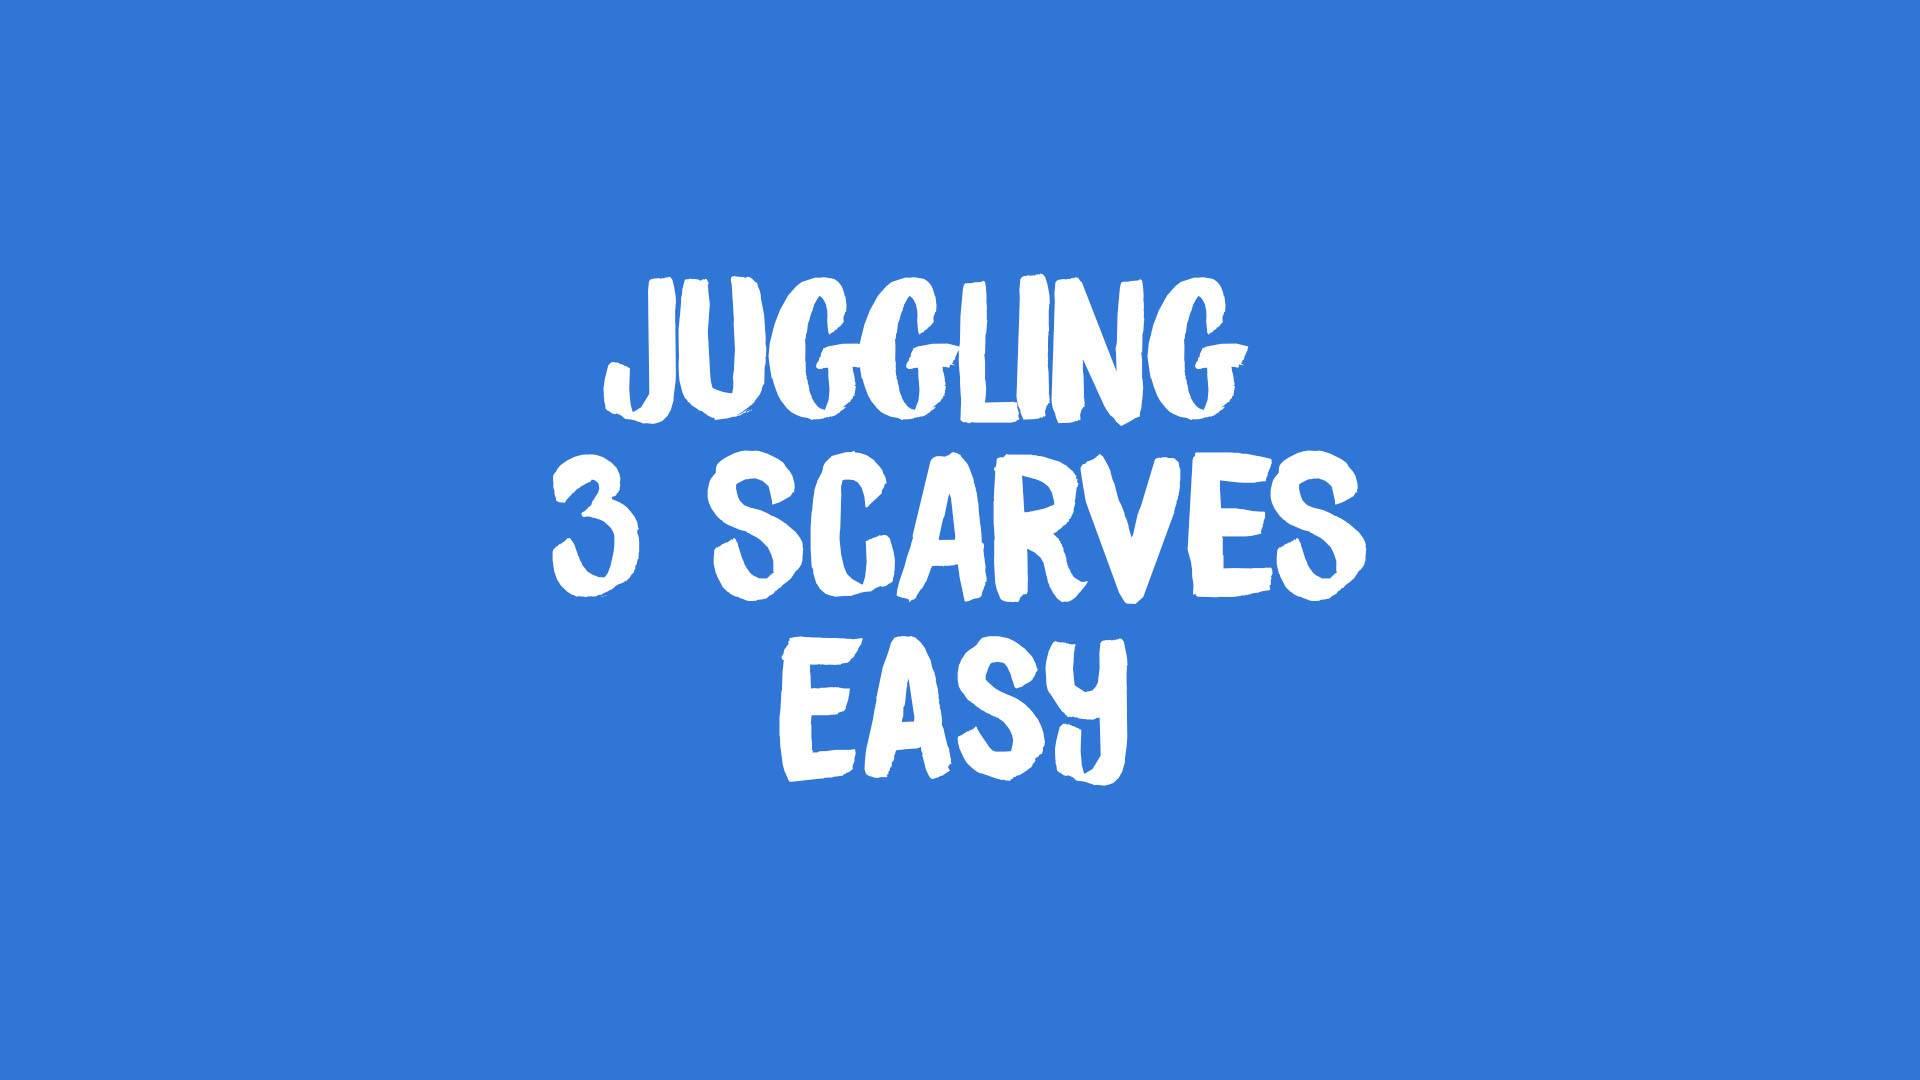 juggling 3 scarves banner